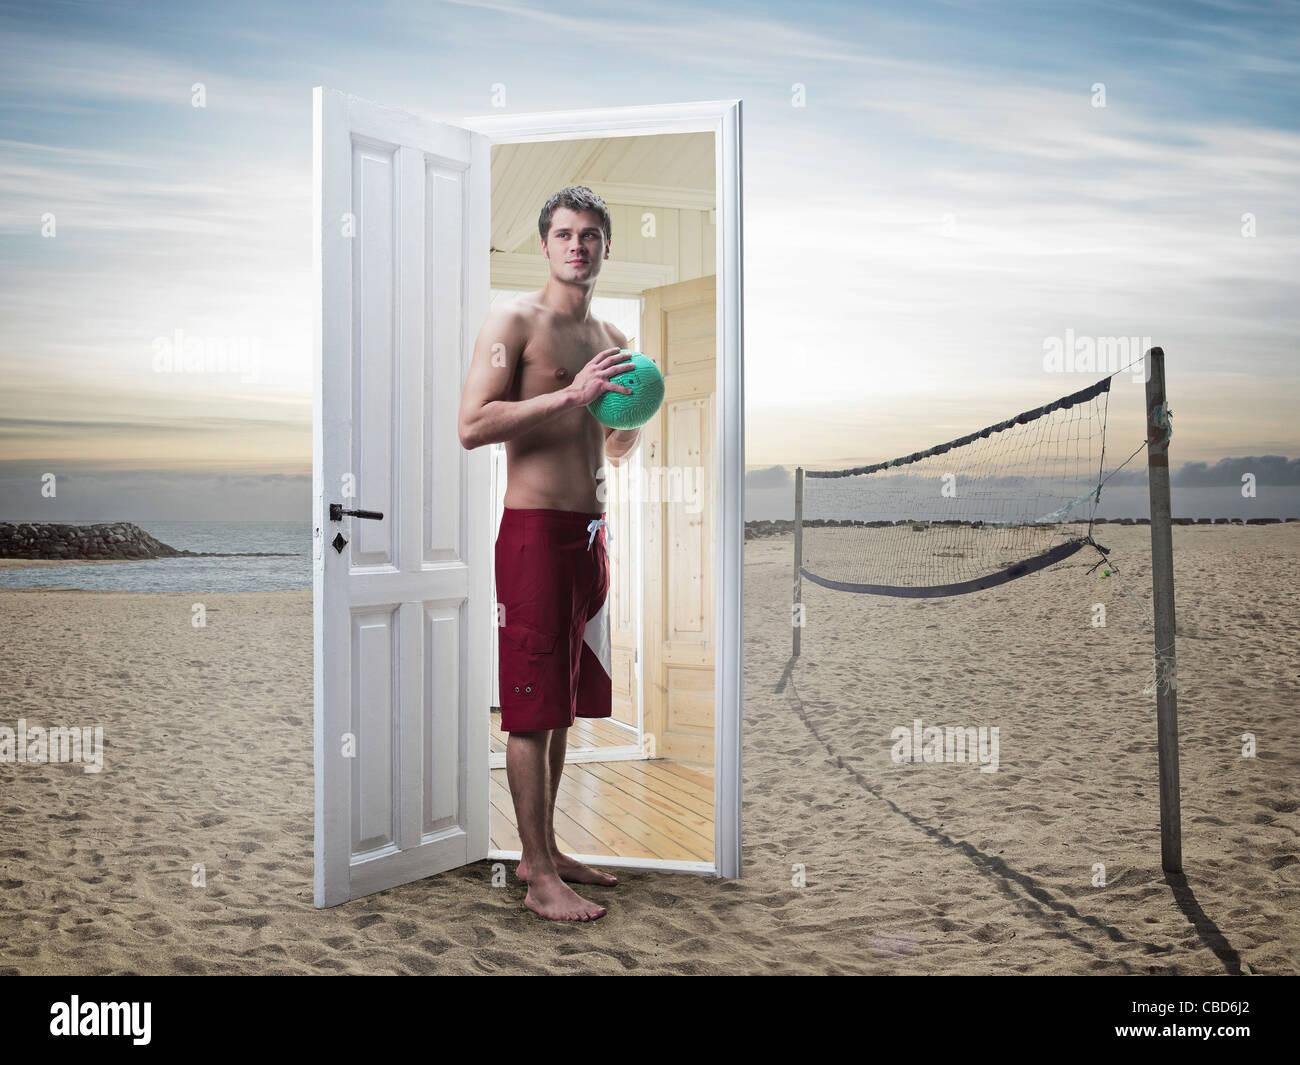 El hombre saliendo de puerta en la playa Imagen De Stock